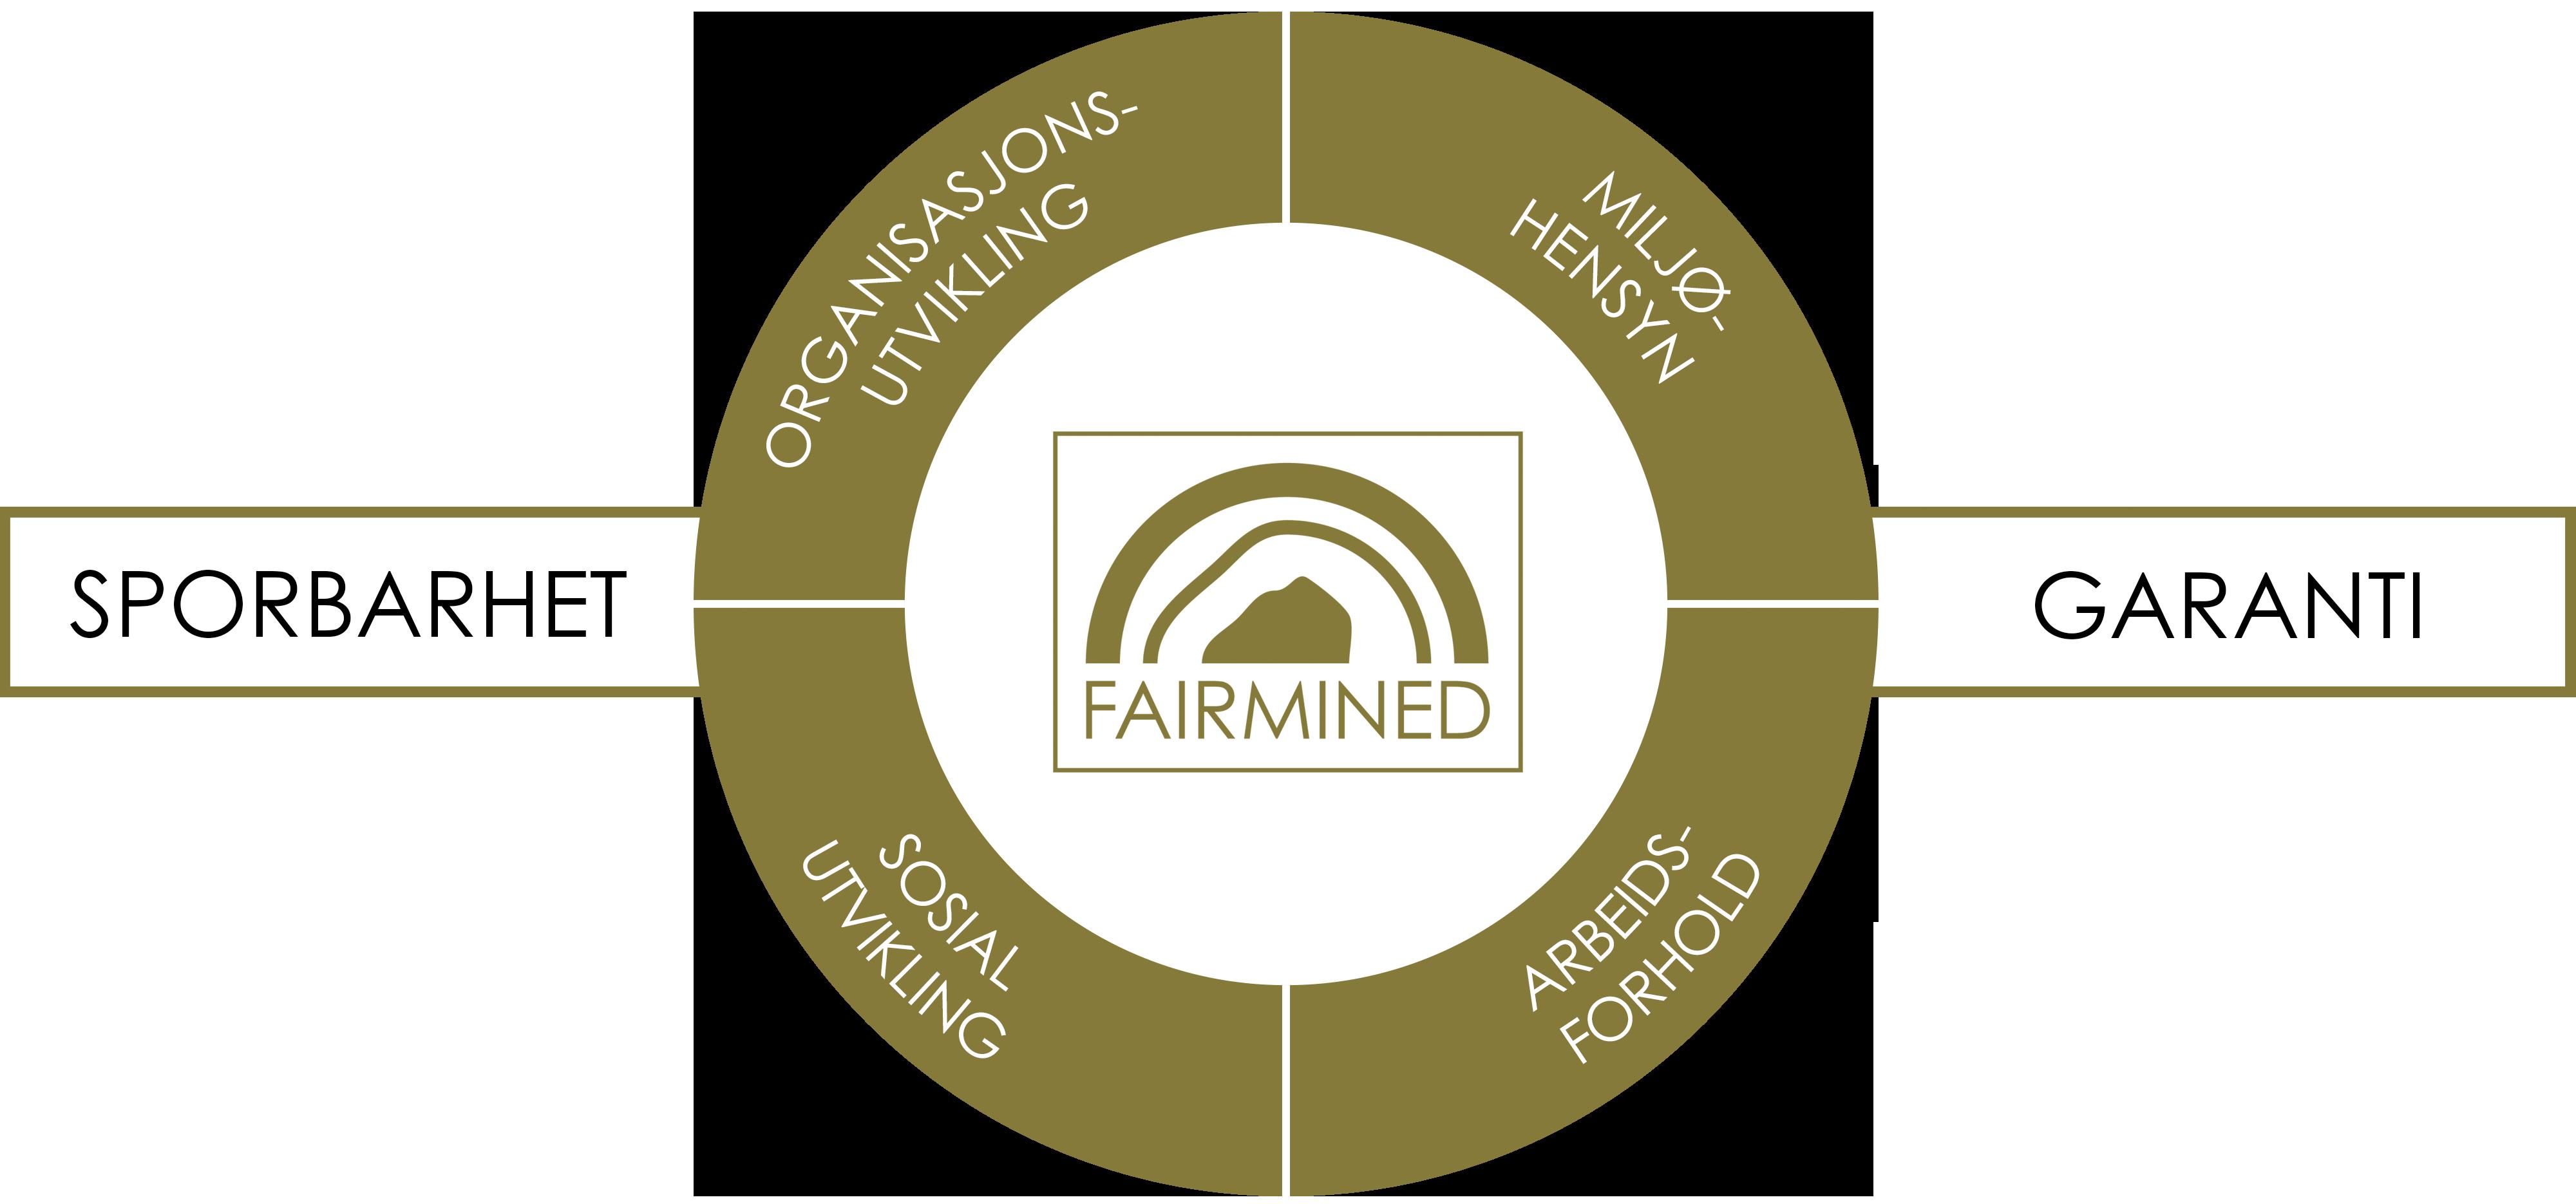 Fairmined-sertifisert gull betyr at gullet kan spores fra den enkelte gruven til endelig samleobjekt. Miljøhensyn er vel ivaretatt. Helse, sikkerhet, lønn og rettigheter er sikret. Per i dag er Det Norske Myntverket blant få myntverk i verden som er autorisert for å prege mynt og medaljer i sporbart og rettferdig Fairmined-gull.